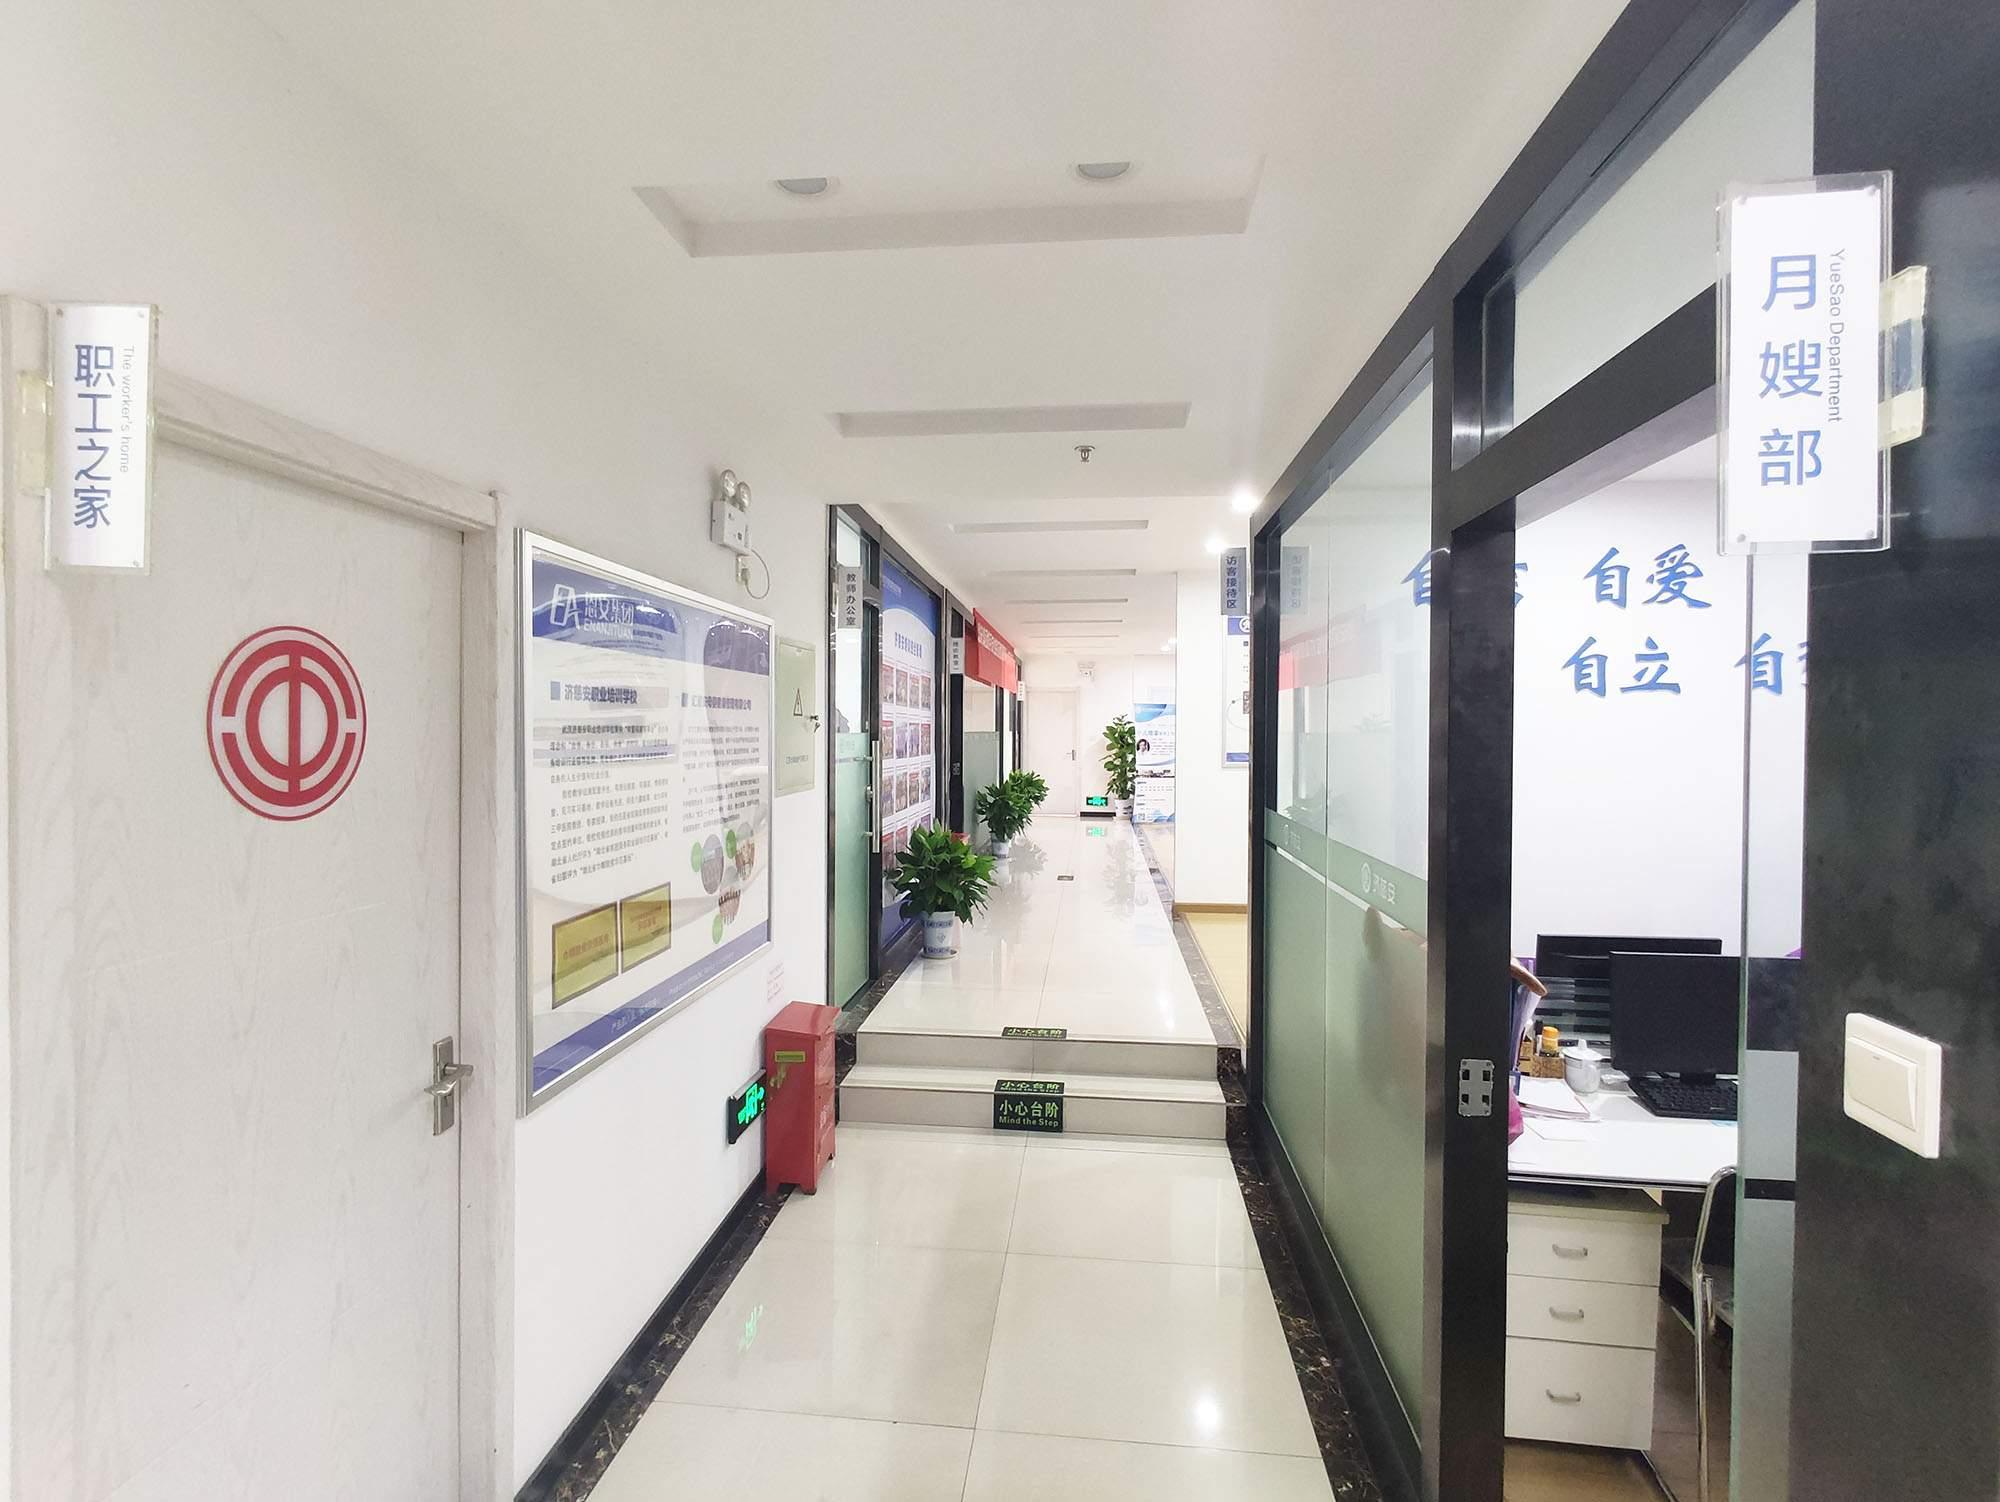 济慈安母婴护理培训学校